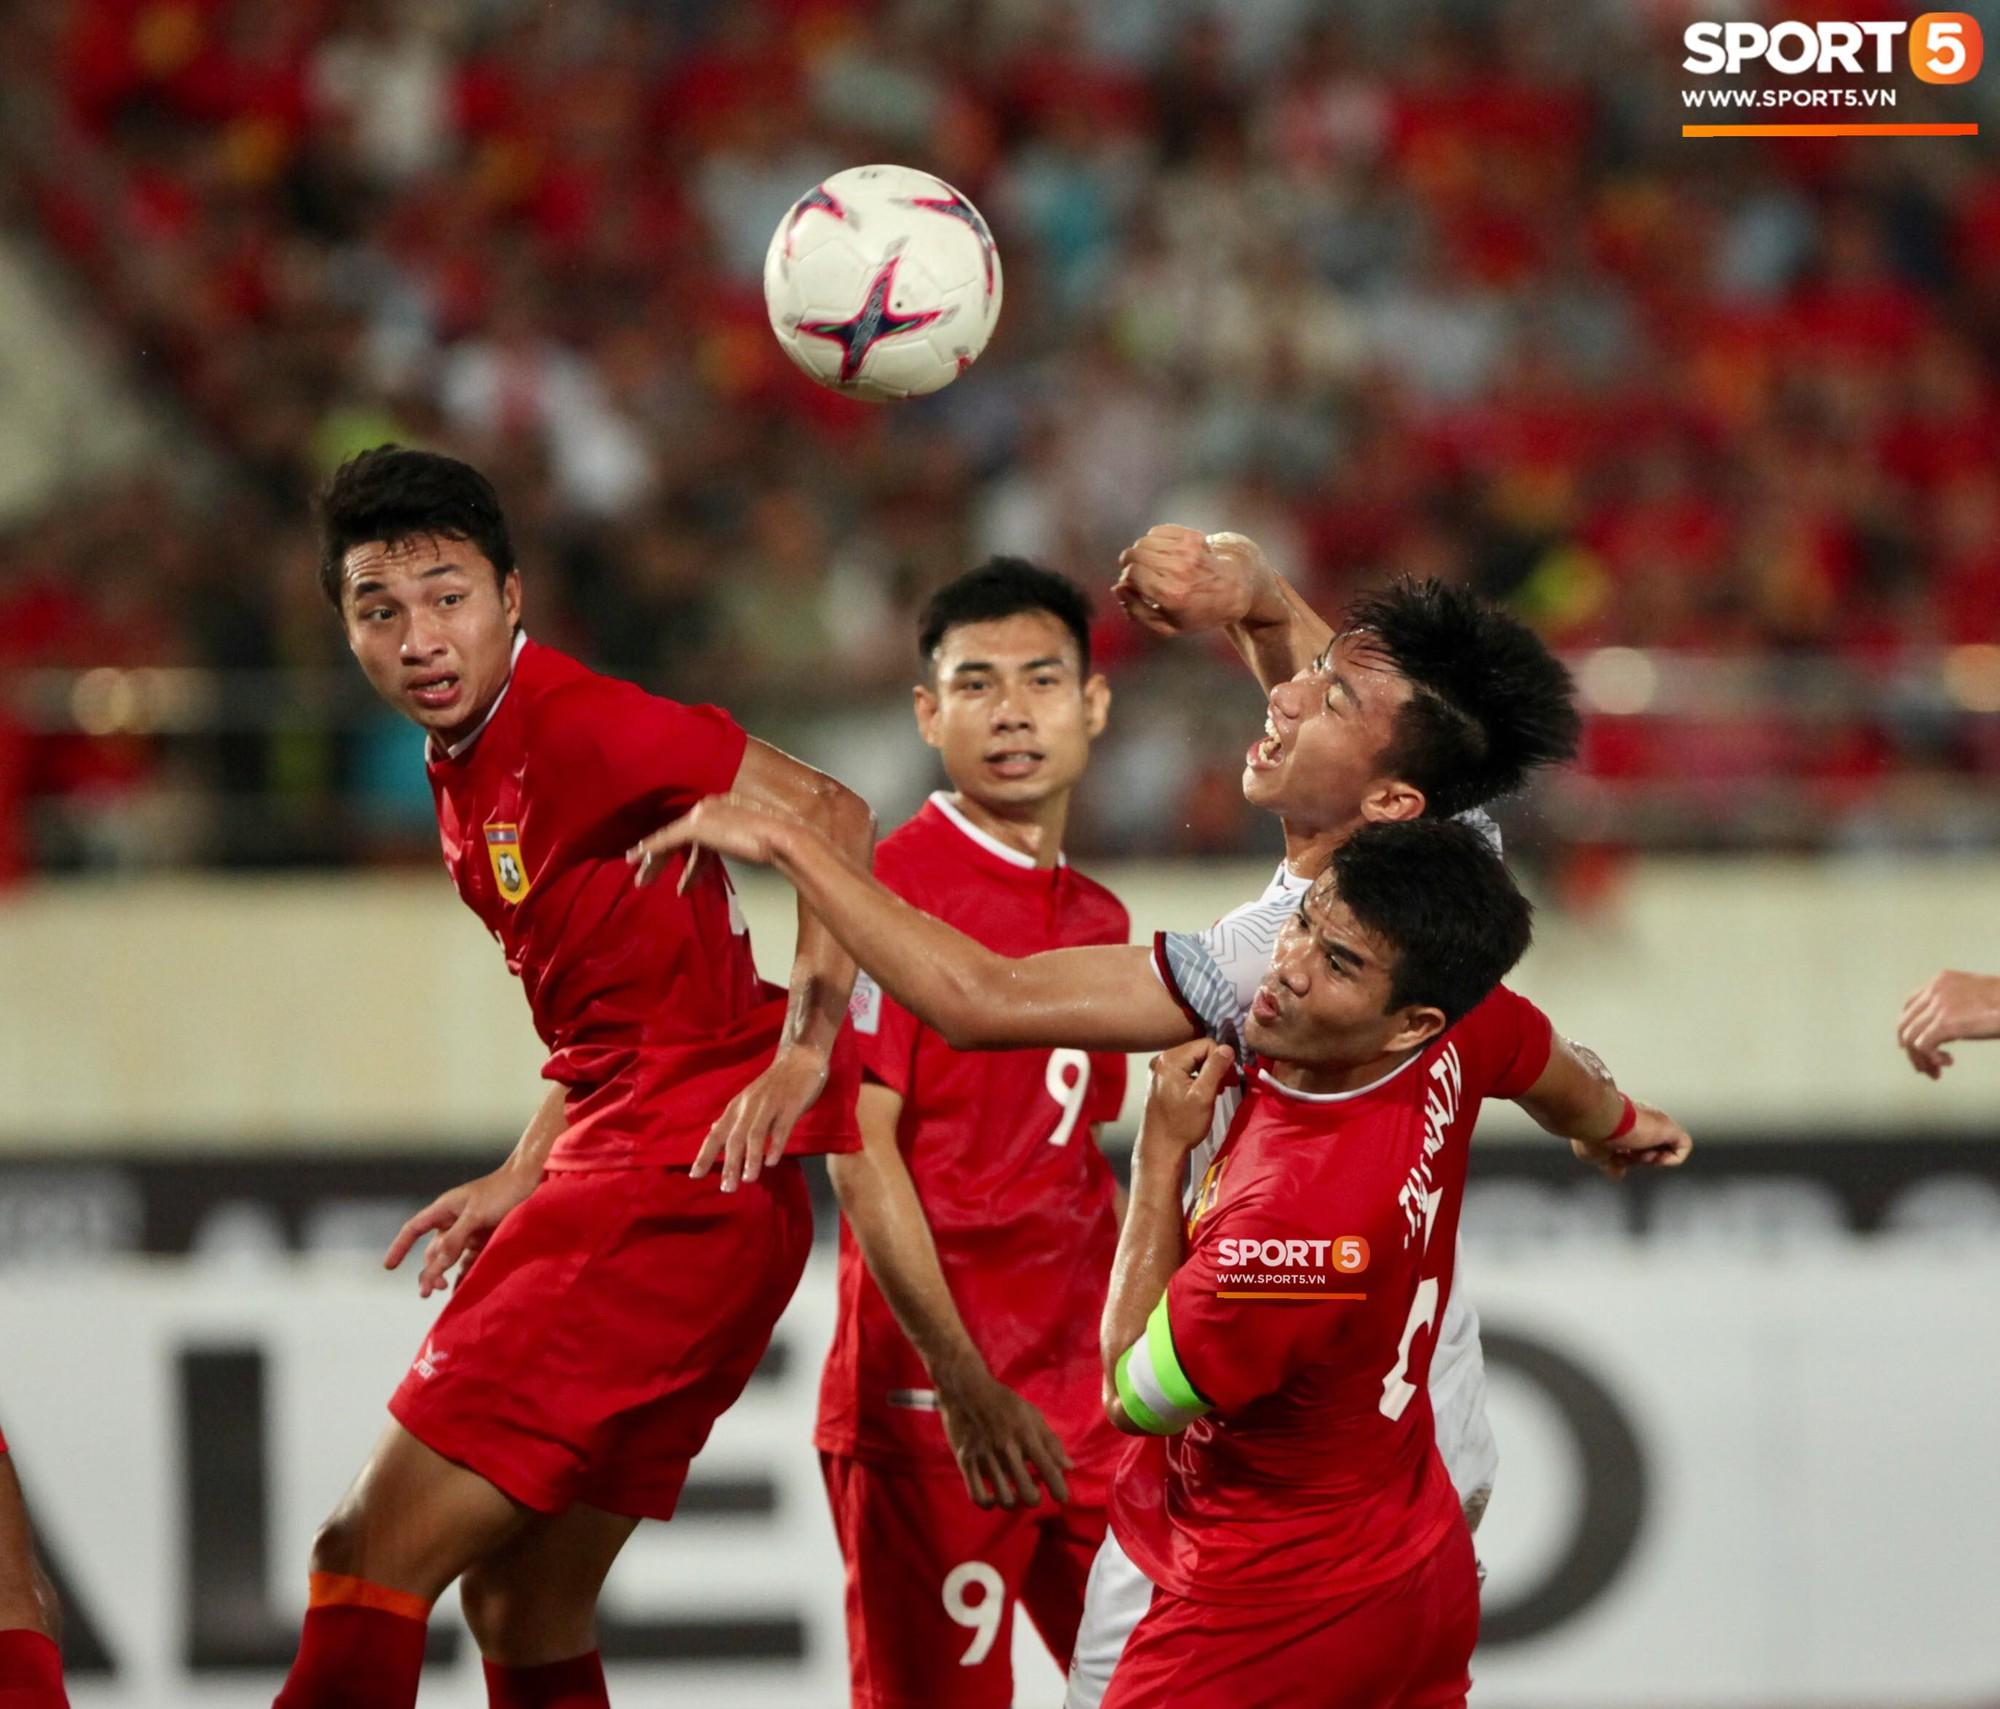 Cậu út của tuyển Việt Nam muốn tái hiện bàn tay của chúa trong trận mở màn AFF Cup 2018 - Ảnh 3.